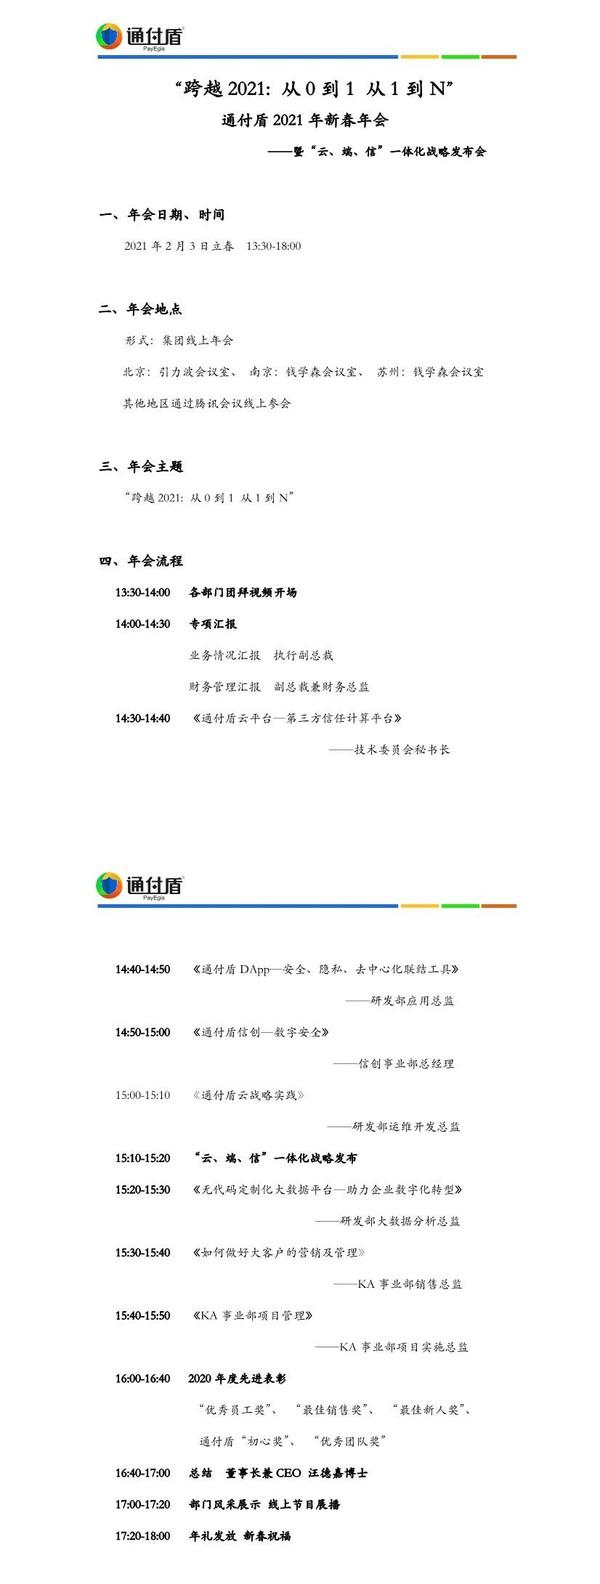 """《跨越2021,从0到1 从1到N》,通付盾新春年会暨""""云、端、信""""一体化战略发布会成功举行"""